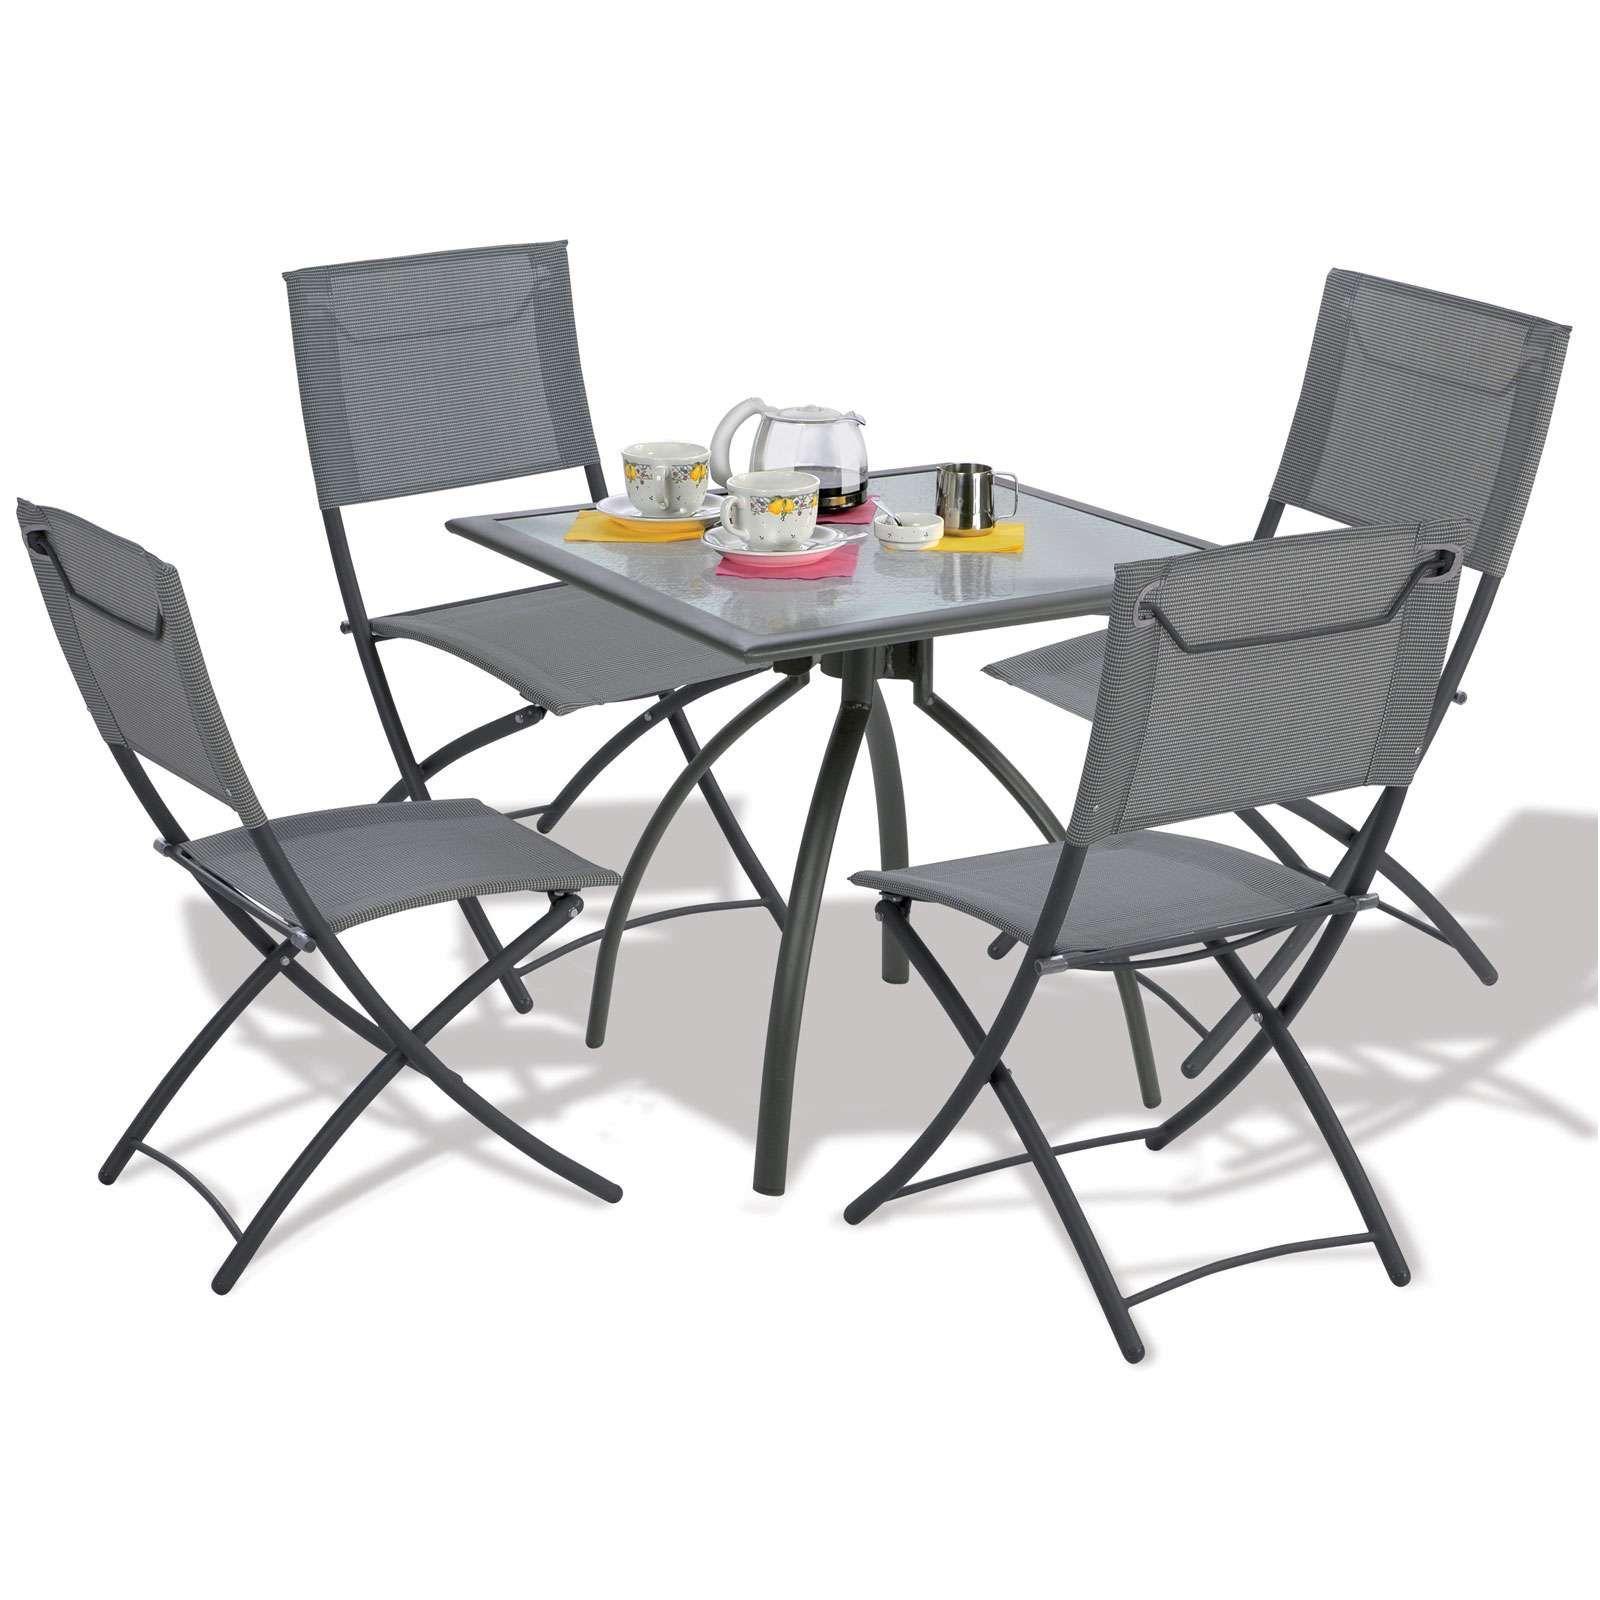 14 Grand Table De Jardin Avec Chaise Pas Cher Image